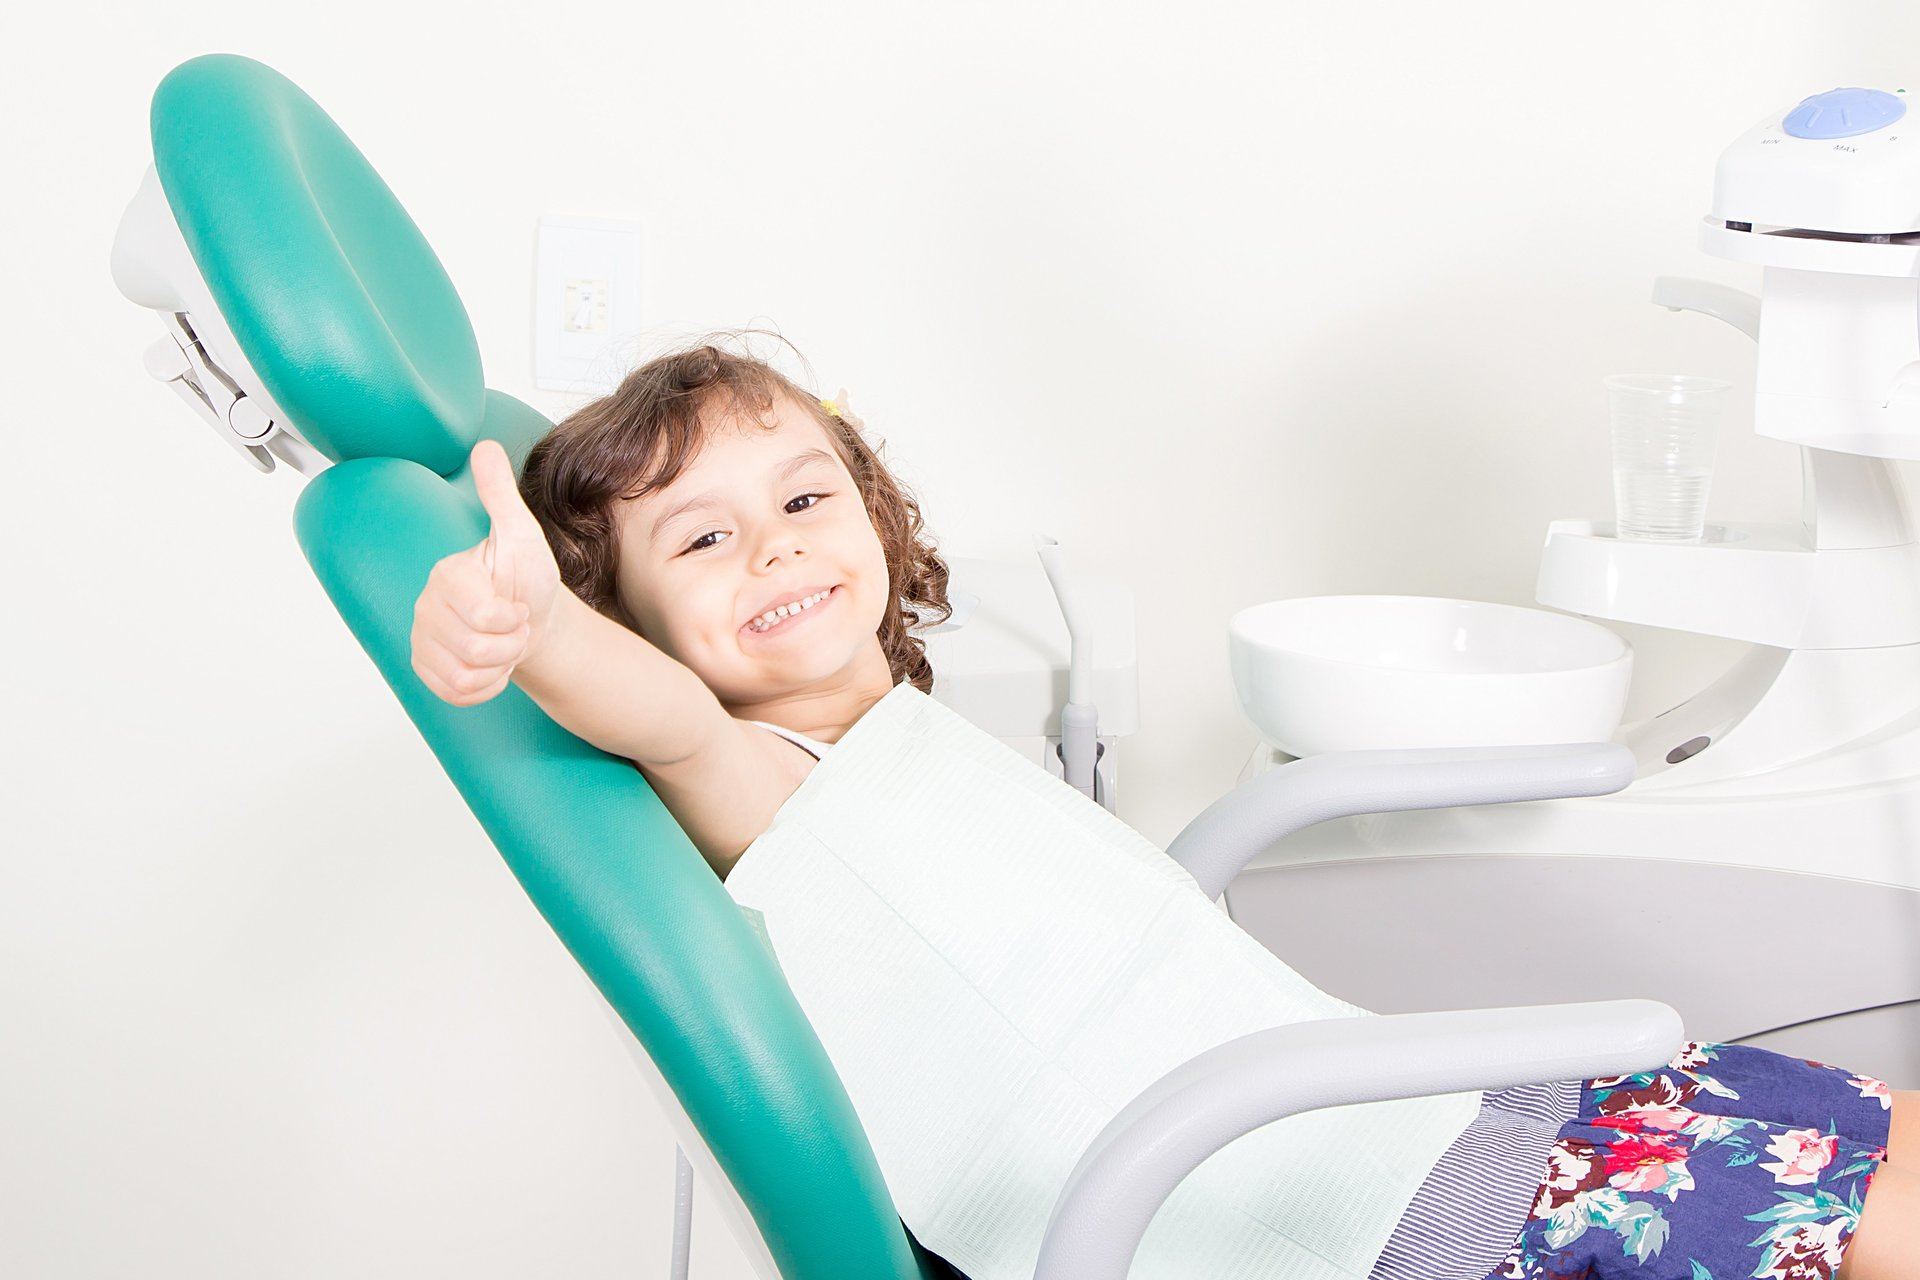 giovane paziente sul lettino del dentista